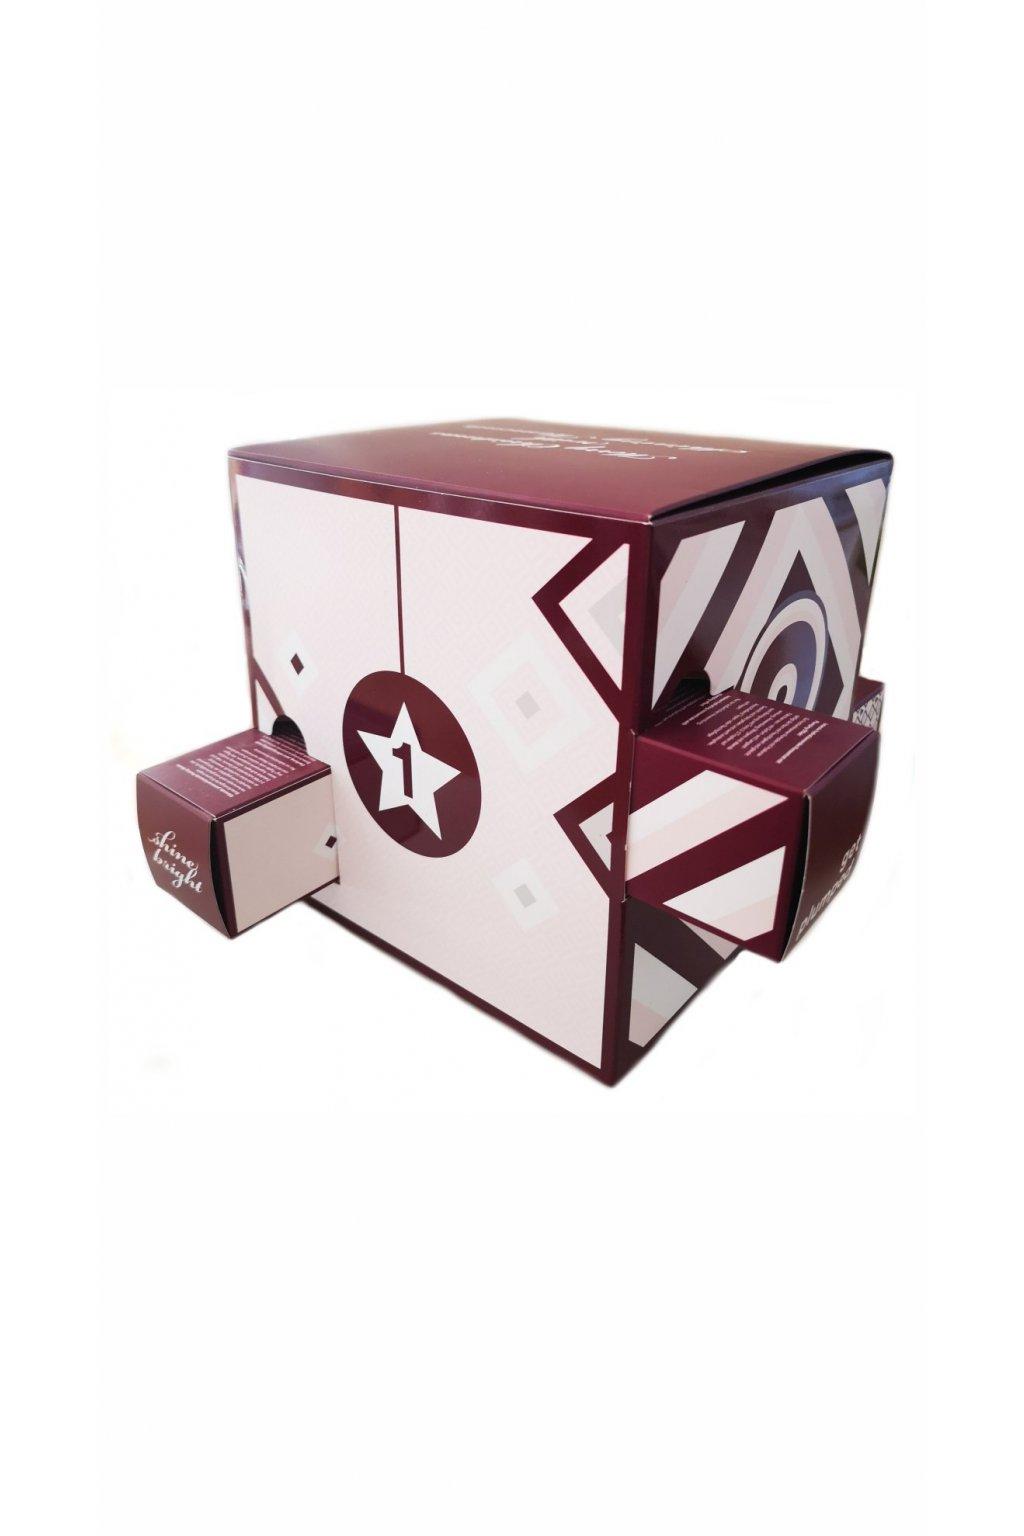 81029 REVIDERM X Mas box 1 2 3 4